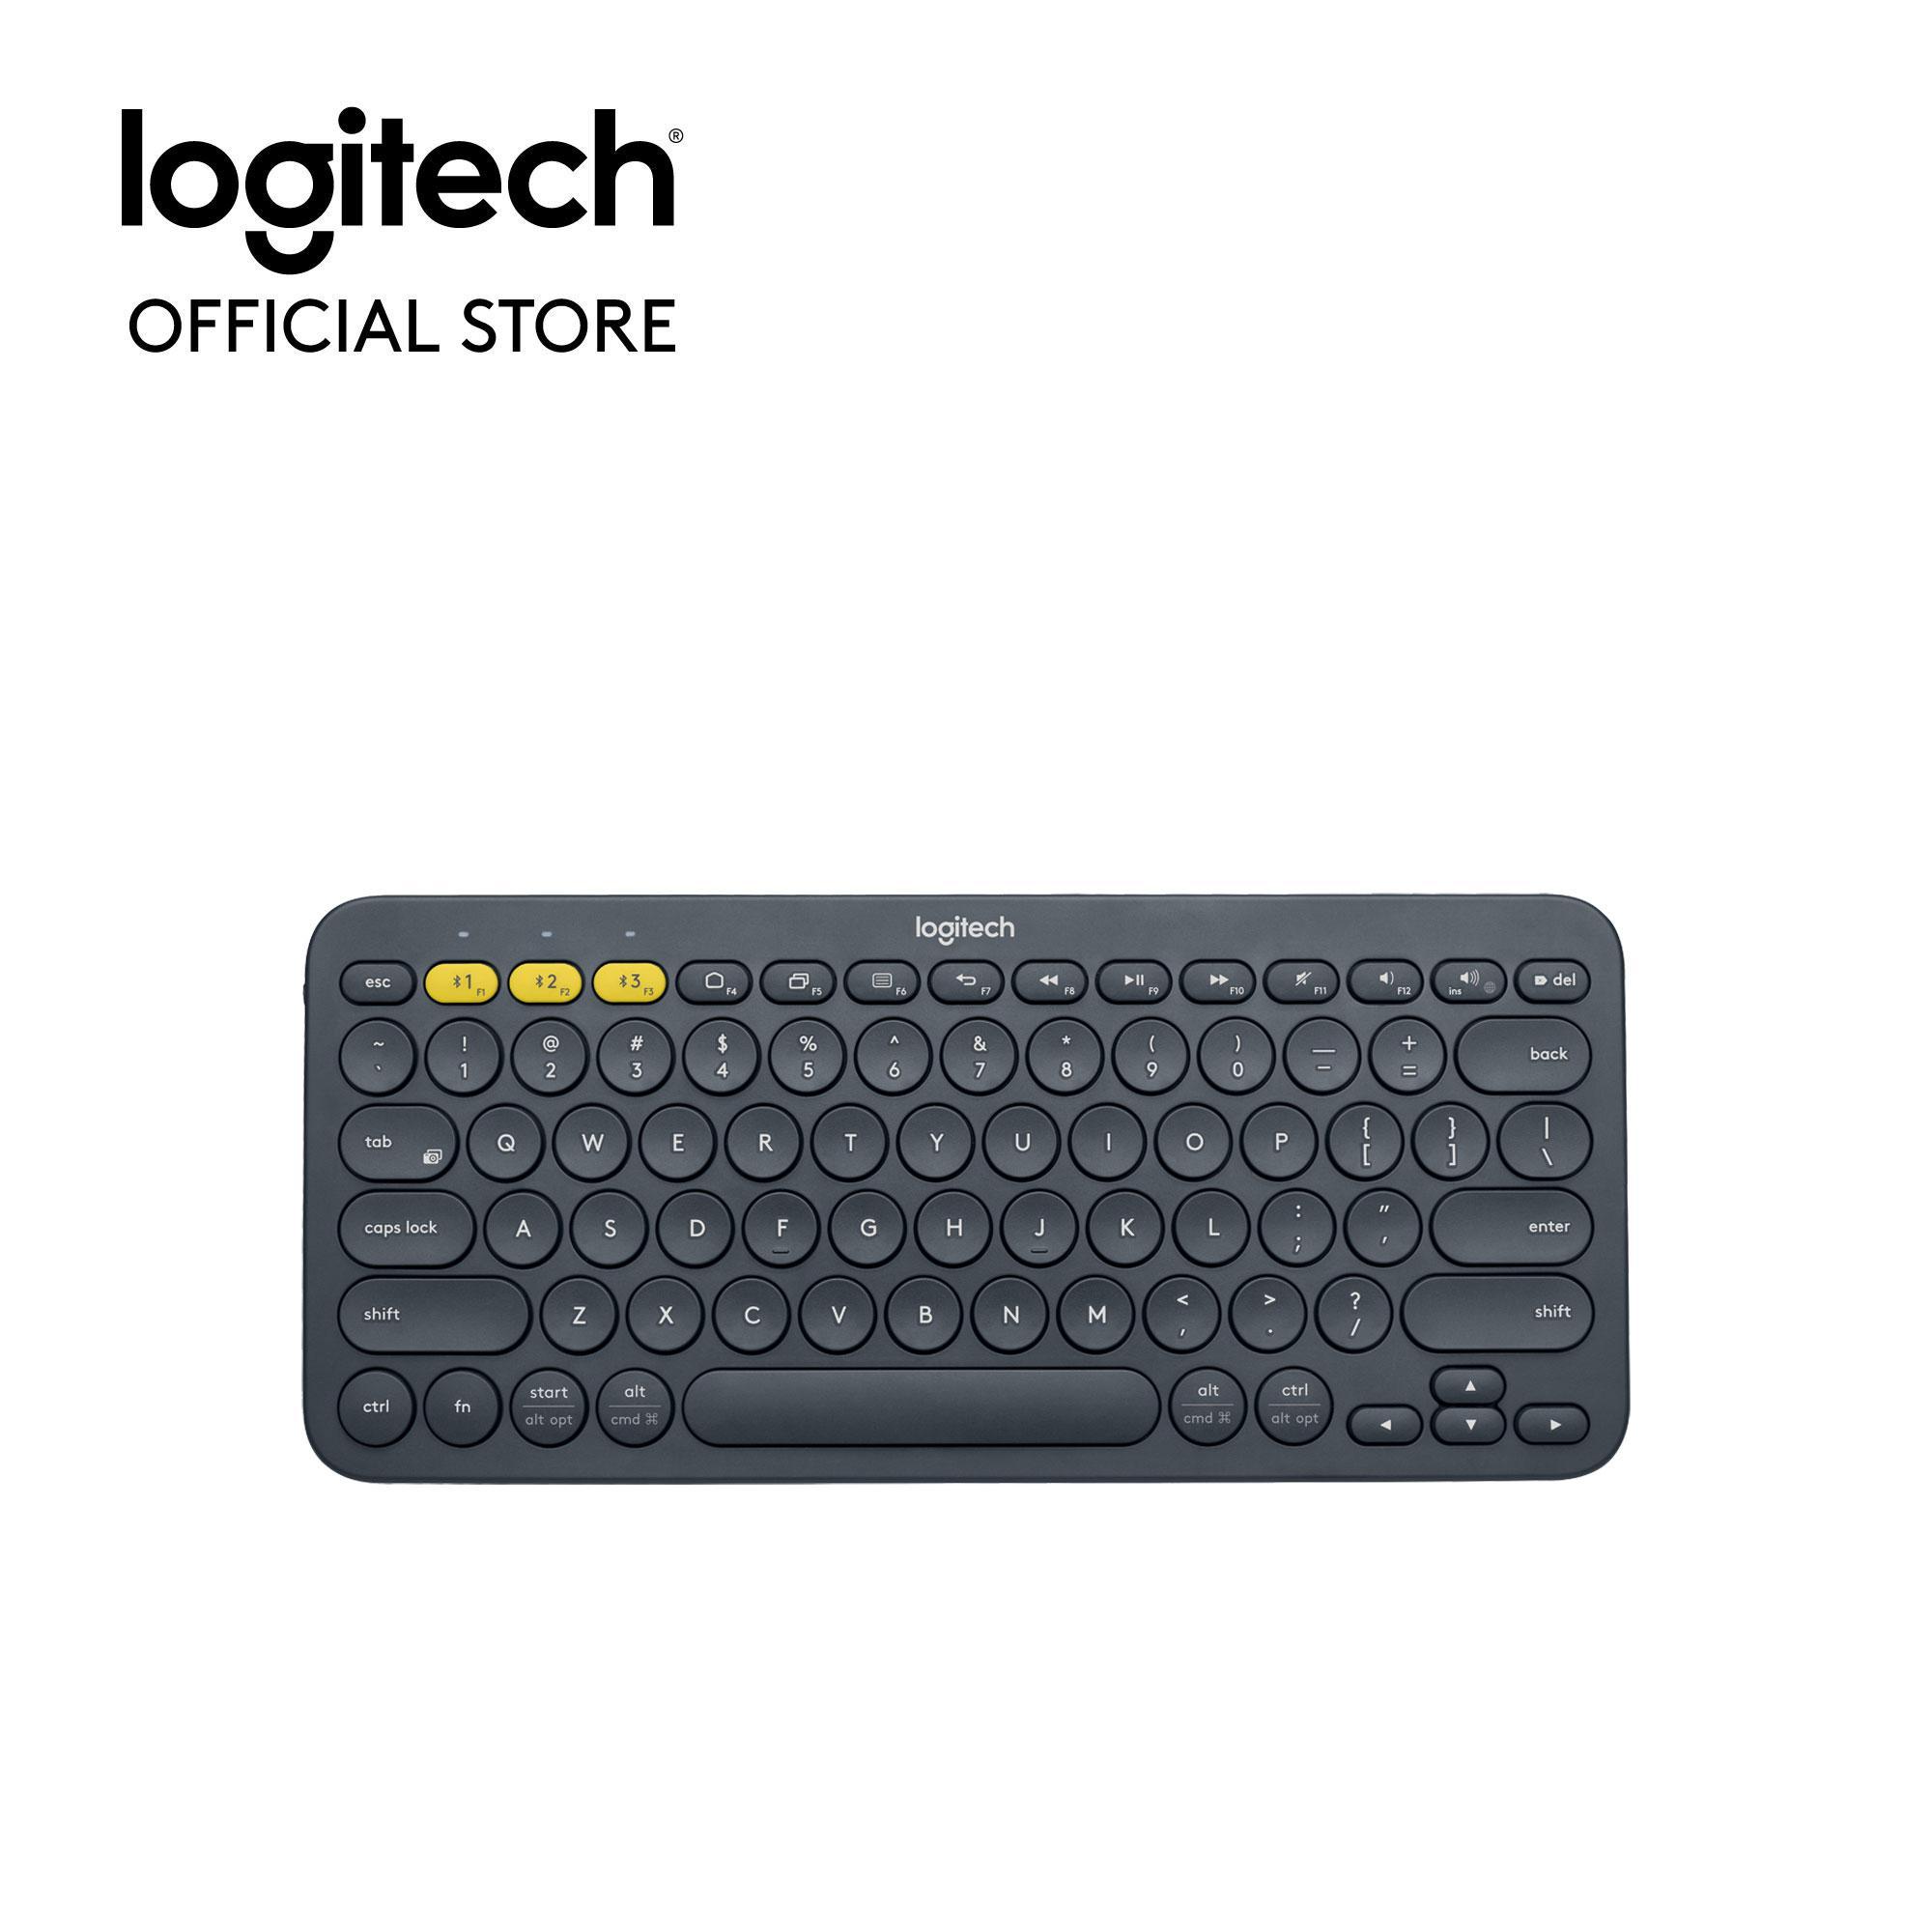 Bàn Phím Bluetooth Logitech K380 Multi-Device - Kết Nối Bluetooth, Tương Thích Nhiều Nền Tảng, Trọng Lượng Nhẹ, Phạm Vi Kết Nối Không Dây 10m Giá Cực Cool